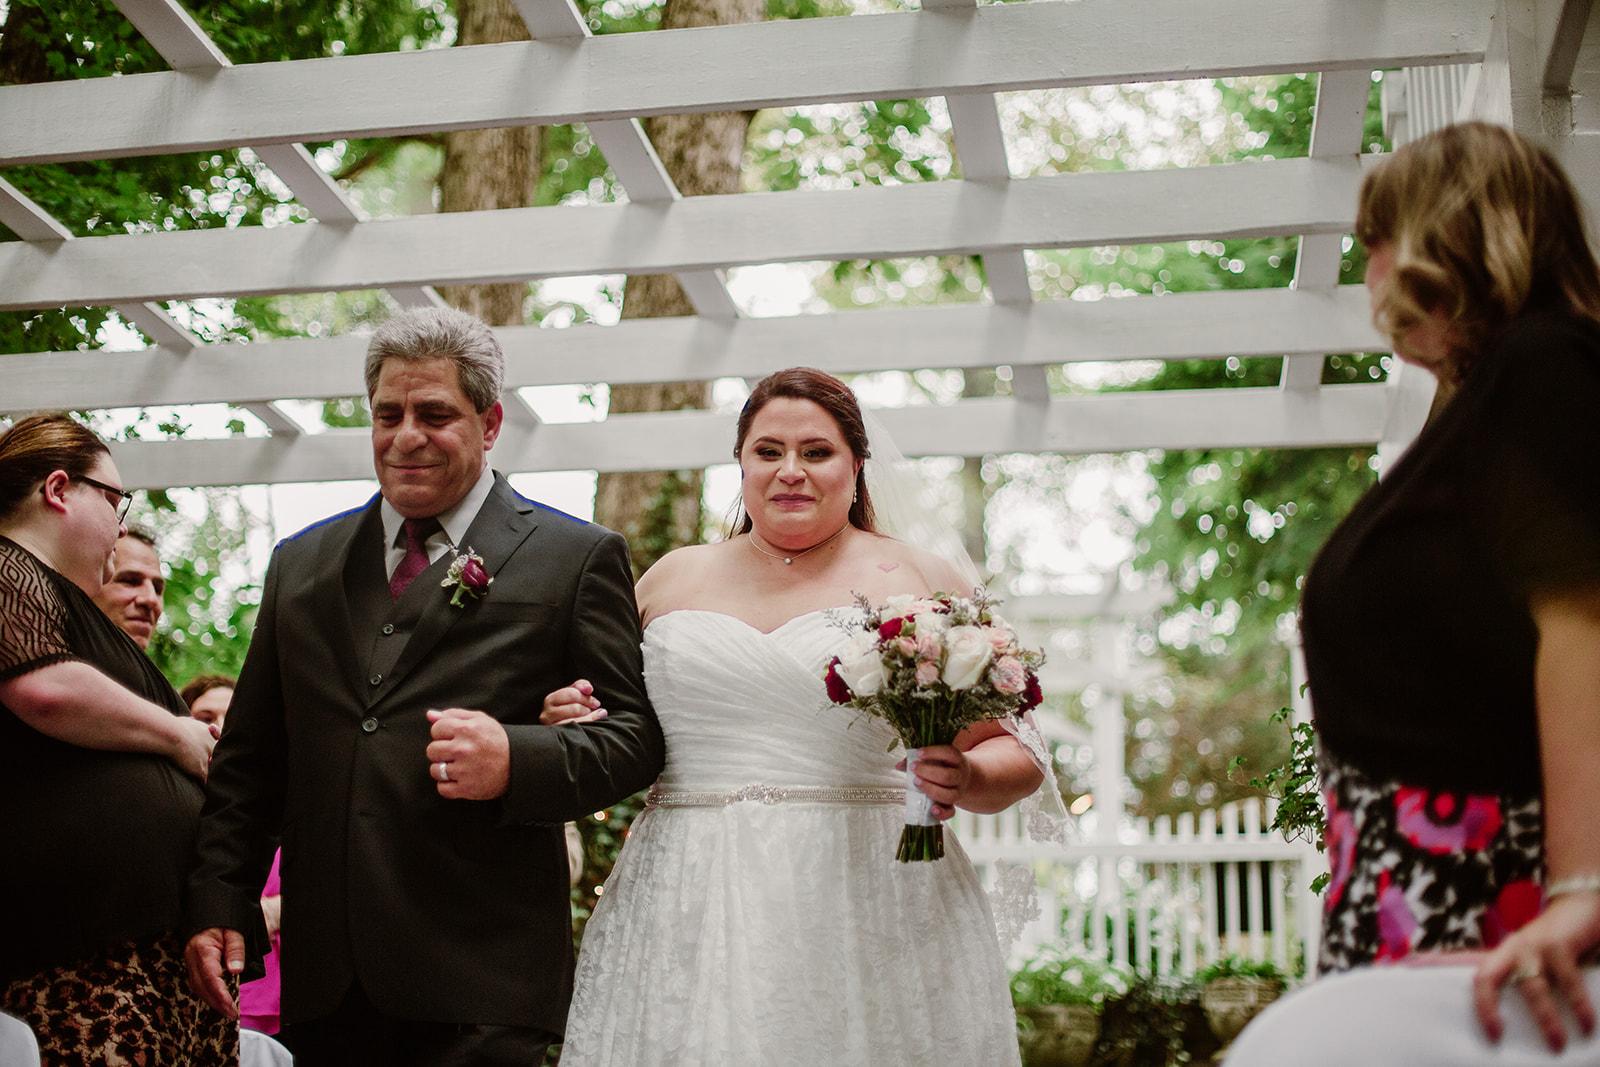 SarahMattozziPhotography-NicoleChris-GlenGardens-Ceremony-5.jpg